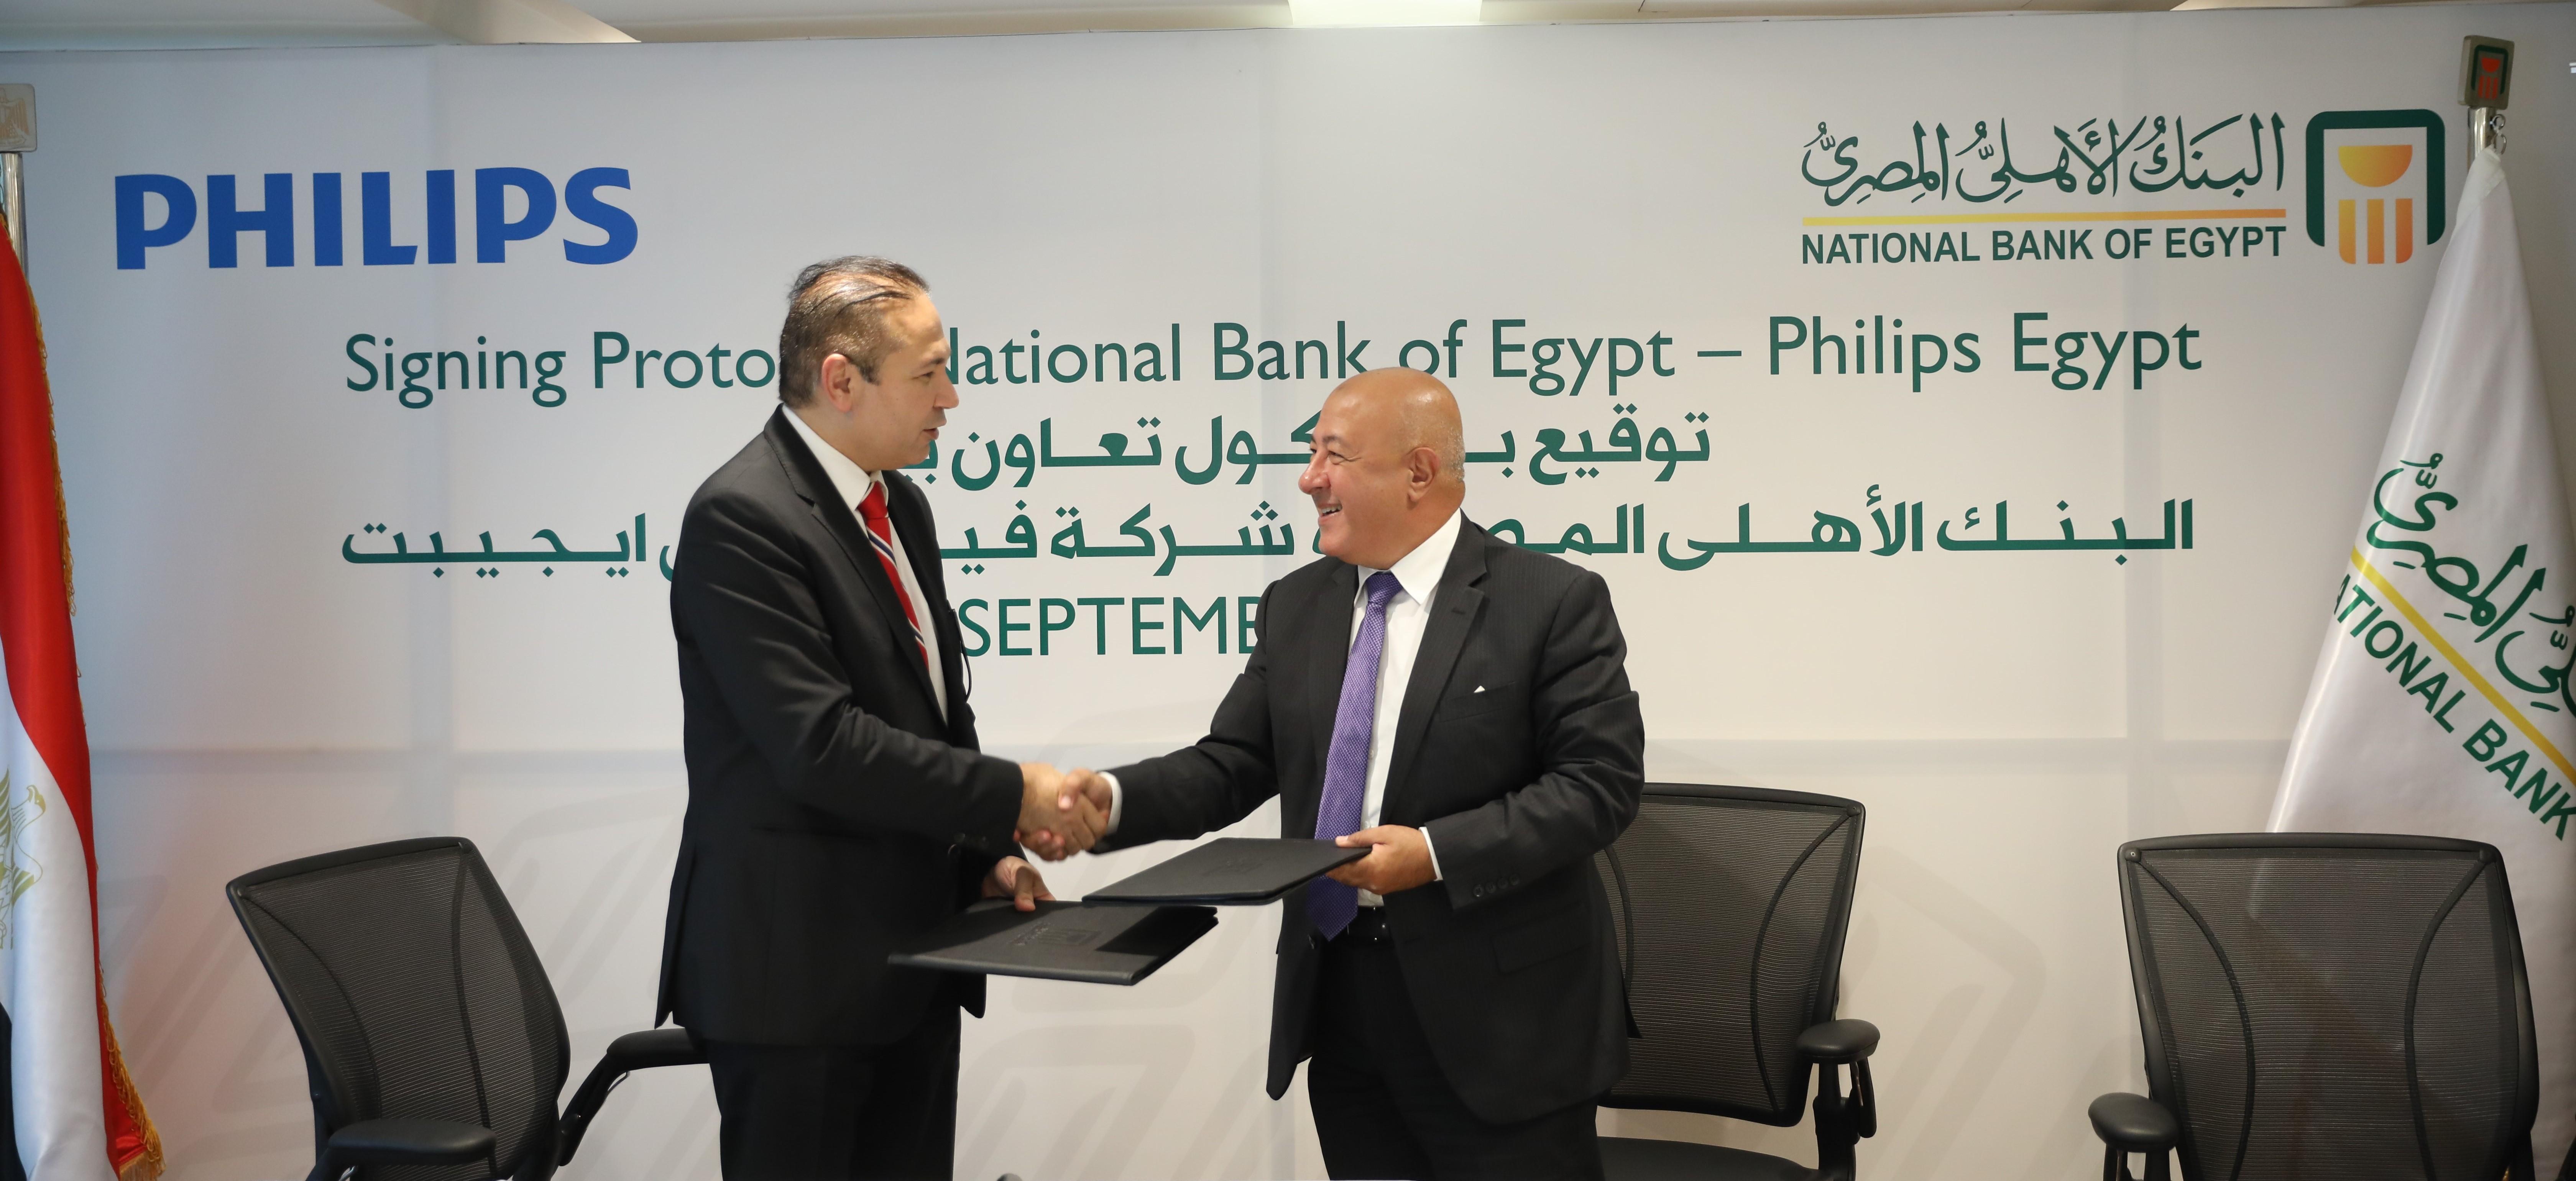 البنك الاهلي المصري يوقع بروتوكول تعاون مع شركة فيليبس ايجيبت